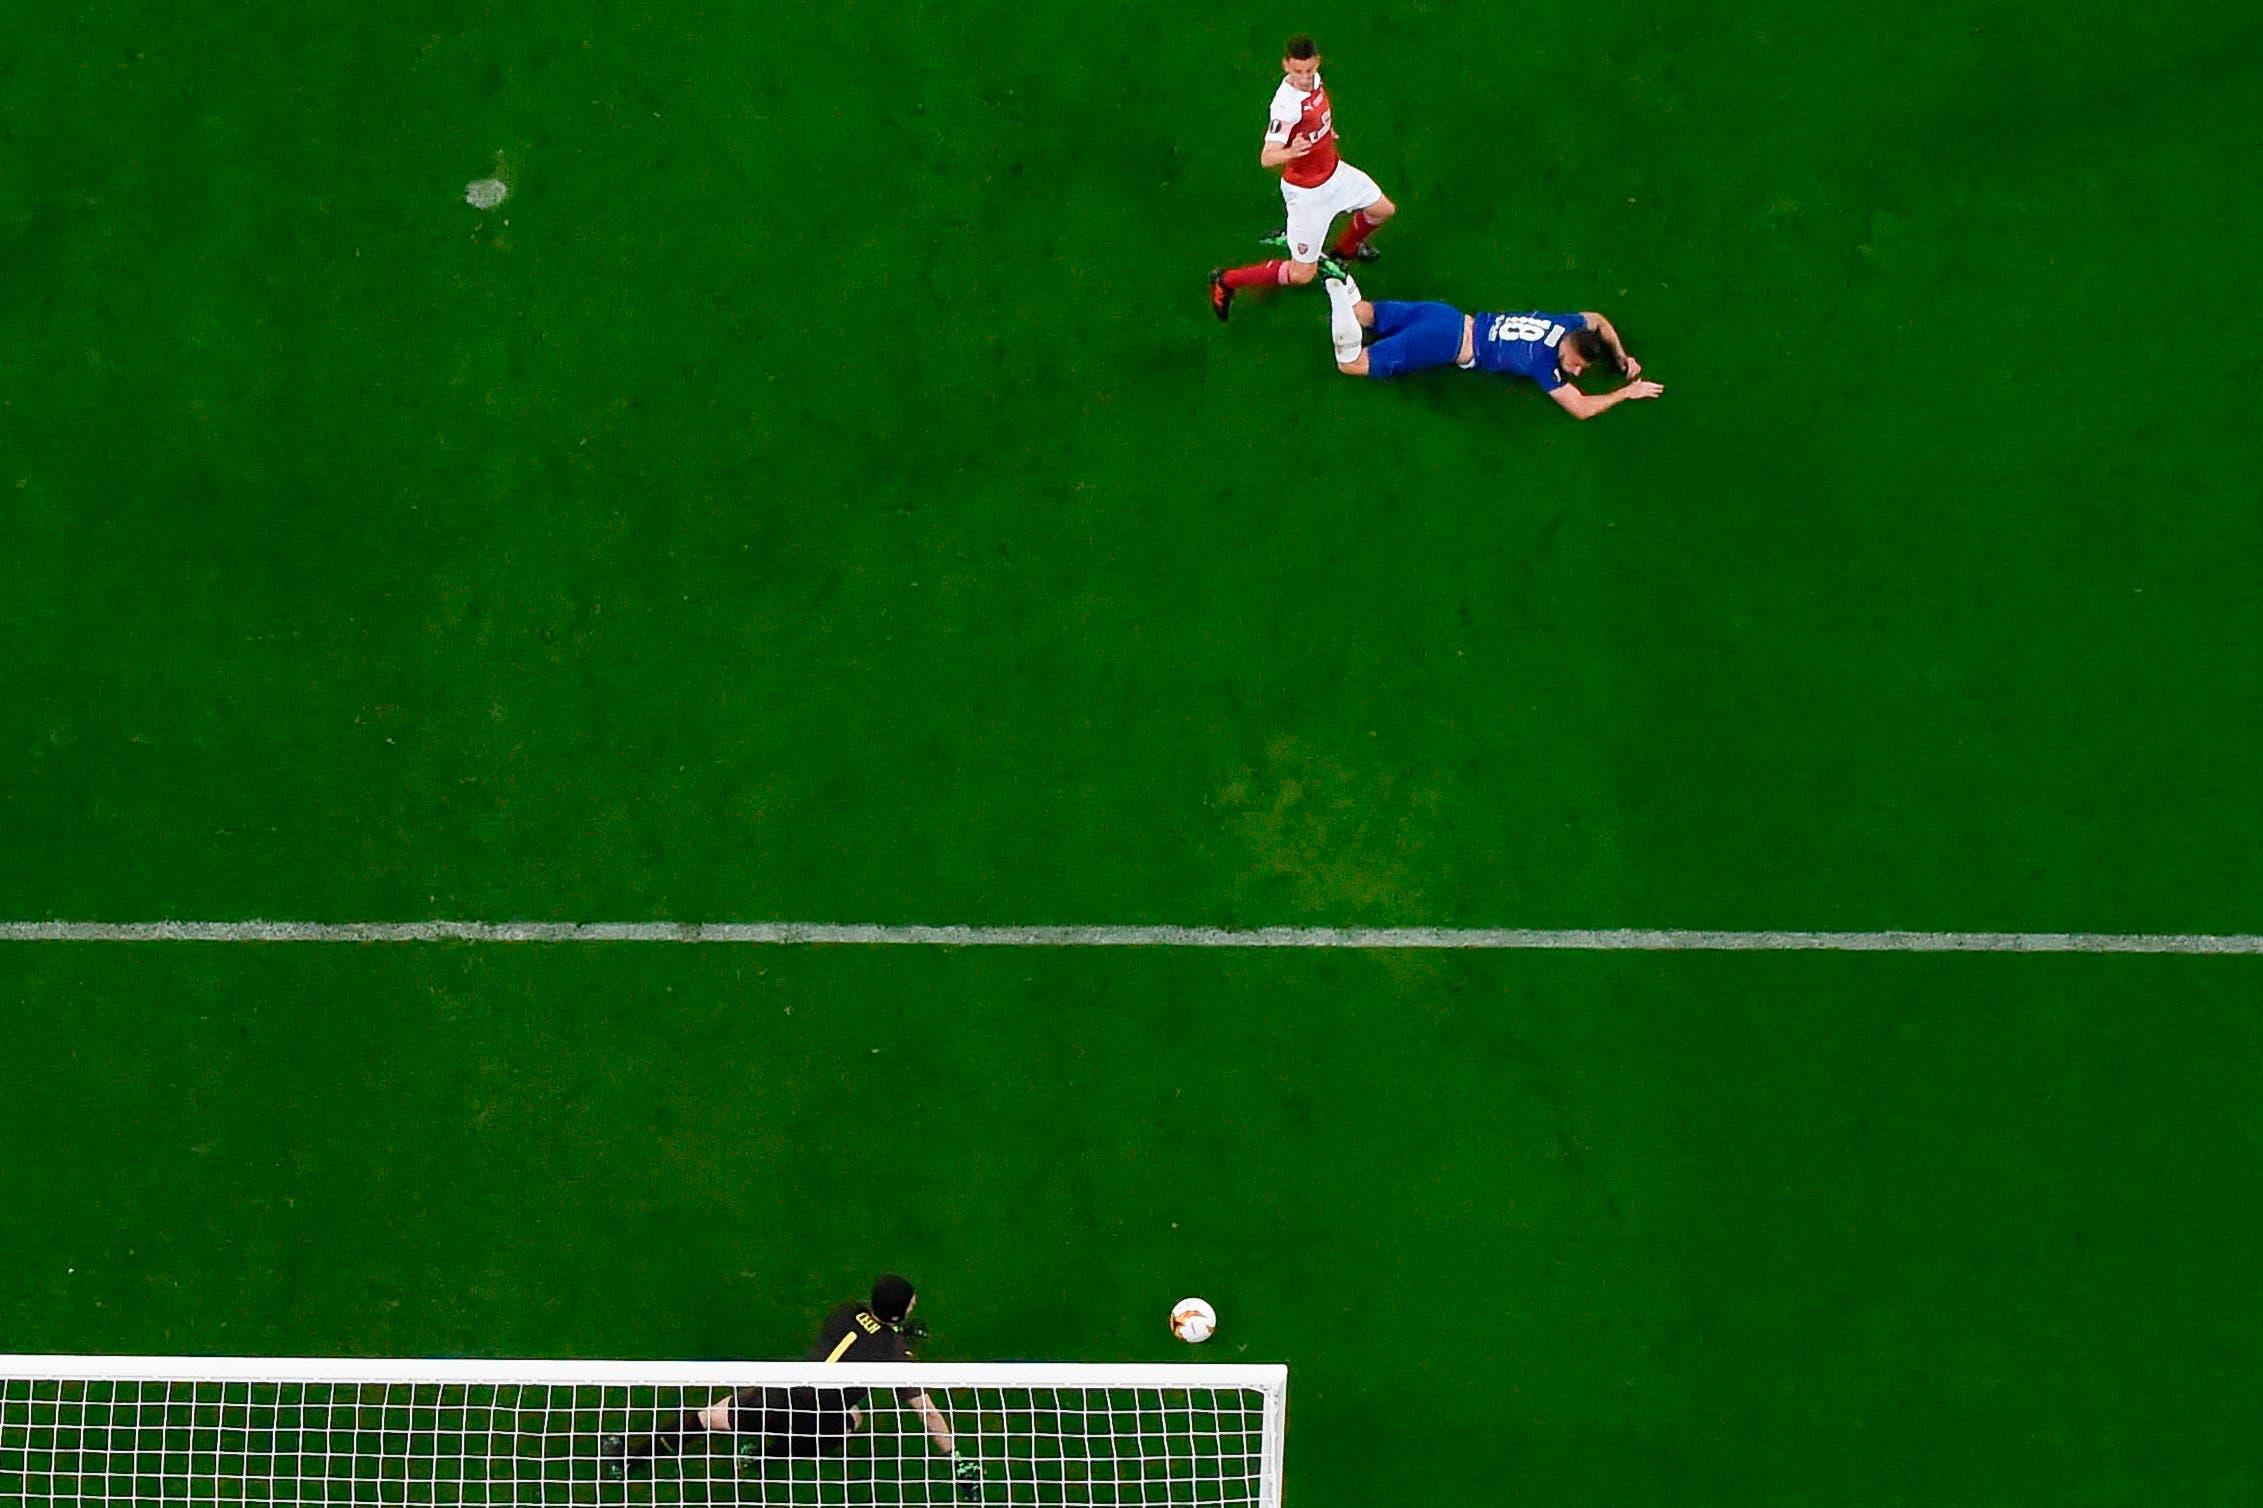 """Chelsea, campeón de la Europa League: el gol de Giroud """"a lo Alario"""", el primero de cinco en 23 minutos"""